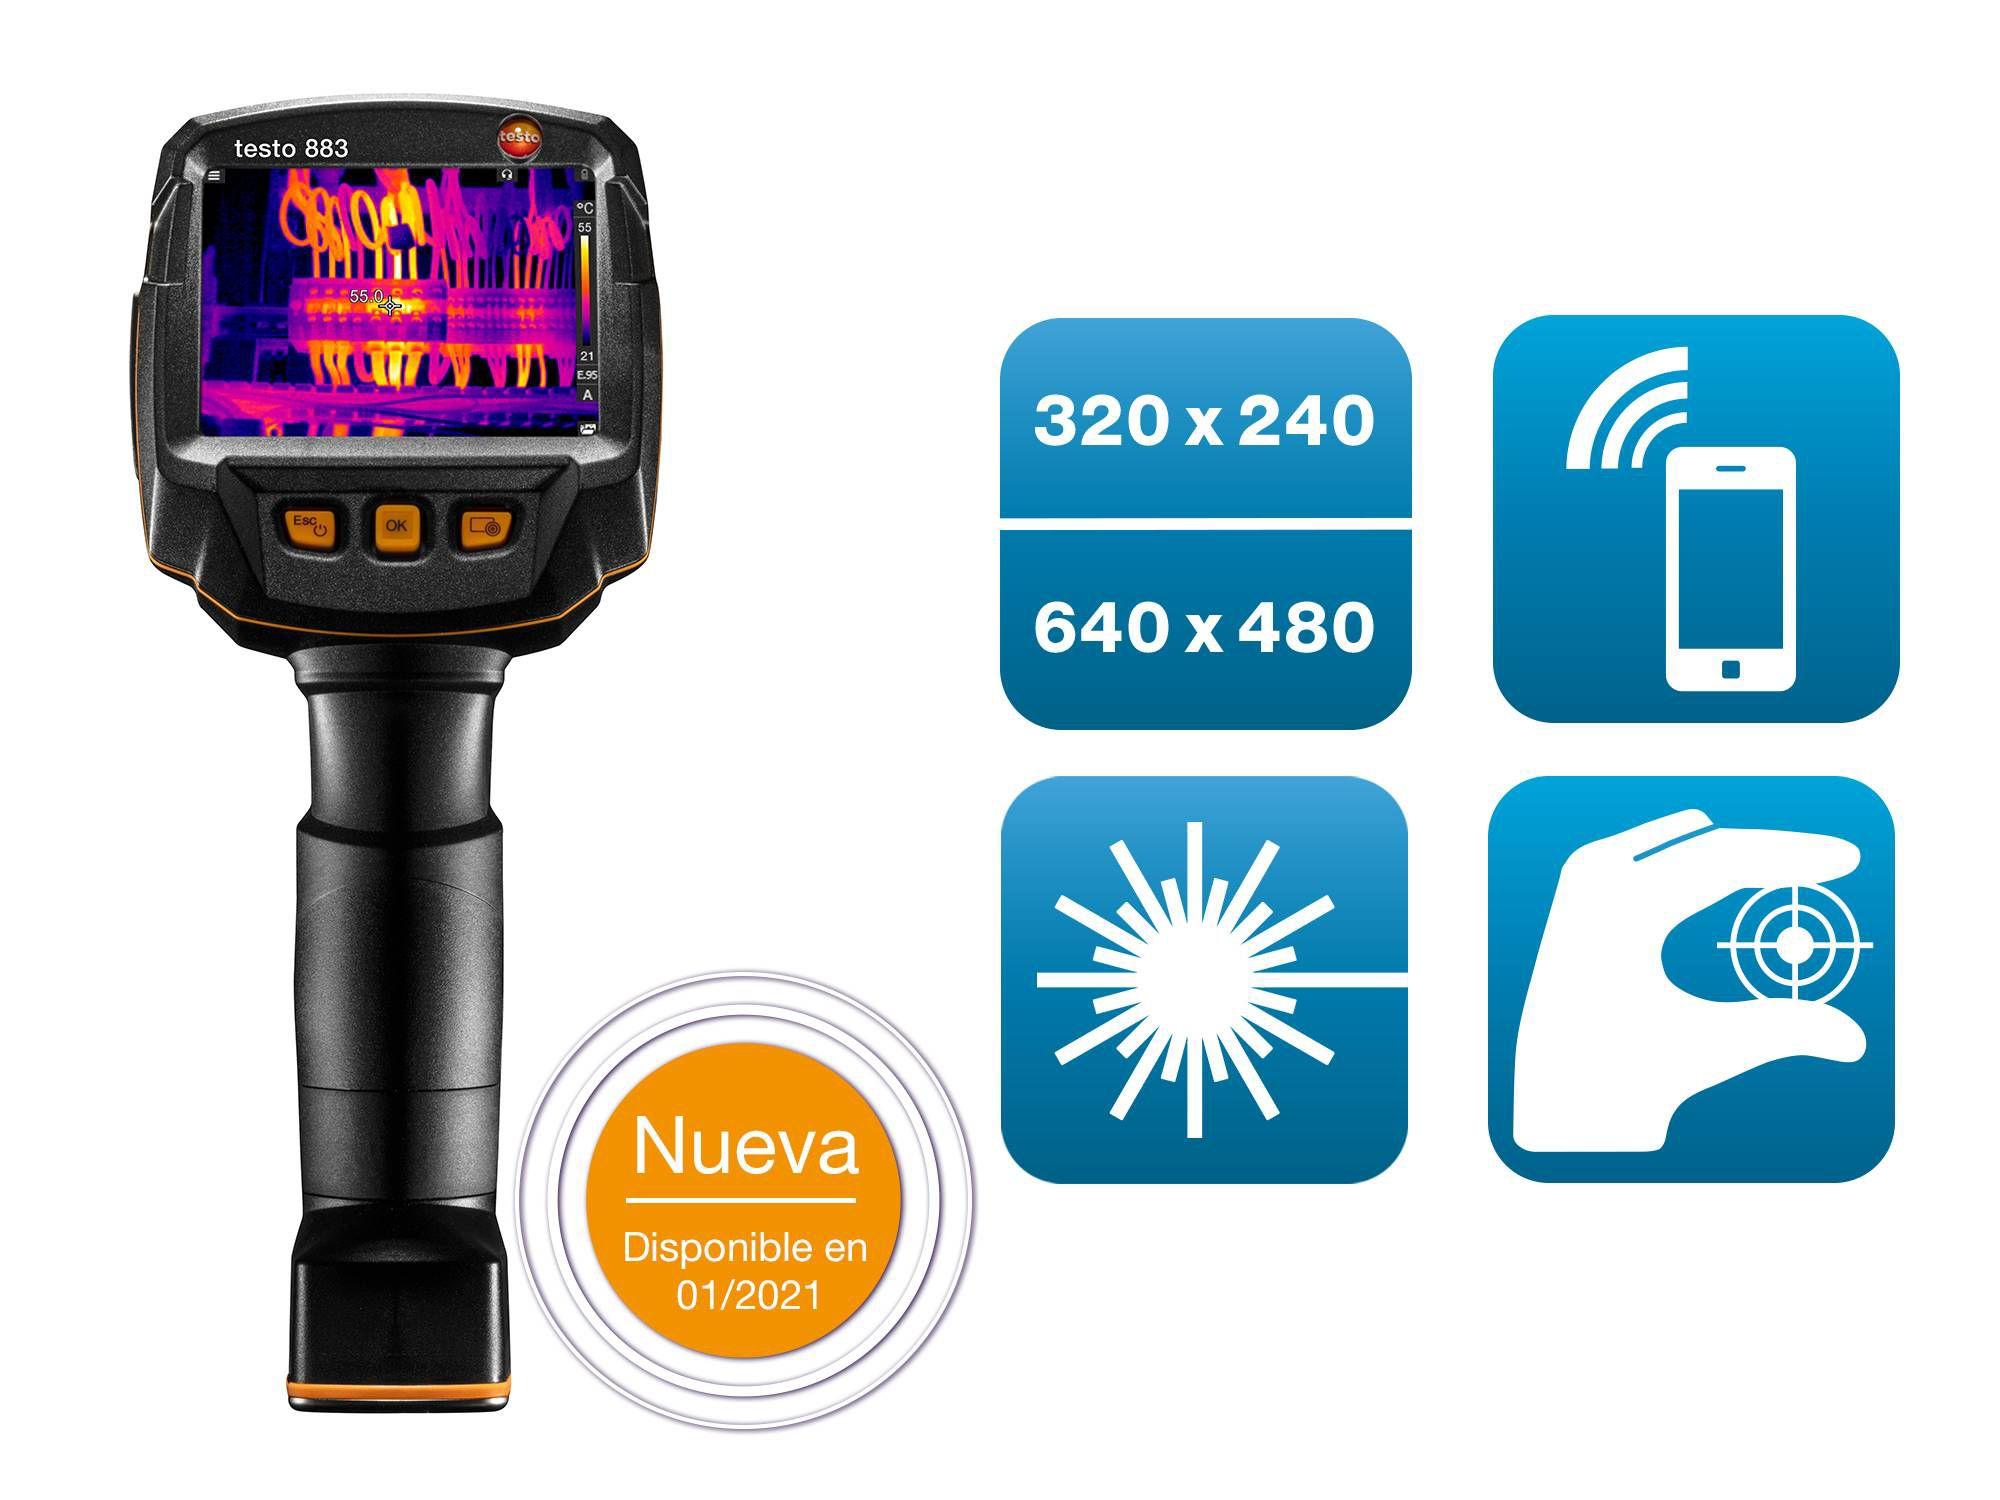 testo 883 cámara termográfica